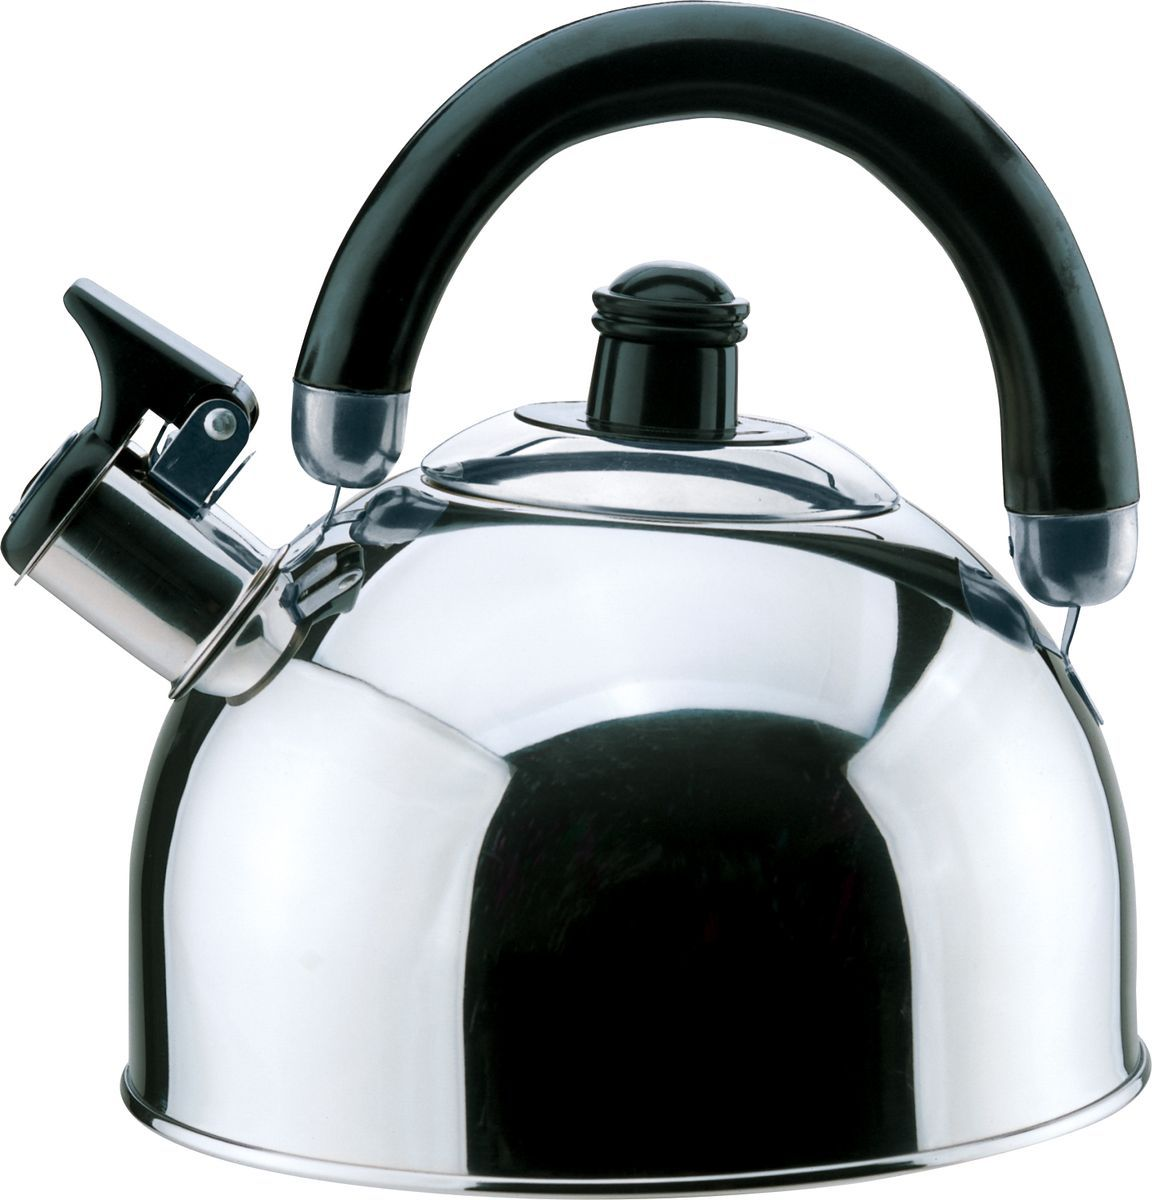 Чайник Bekker, со свистком, цвет: серебристый, 2,5 л. BK-S341MНМ 5516Чайник Bekker выполнен из высококачественной нержавеющей стали, что обеспечивает долговечность использования. Пластмассовая подвижная ручка делает использование чайника очень удобным и безопасным. Чайник снабжен свистком и устройством для открывания носика, которое находится на ручке. Изделие оснащено капсулированным дном для лучшего распространения тепла. Пригоден для всех видов плит, включая индукционные.